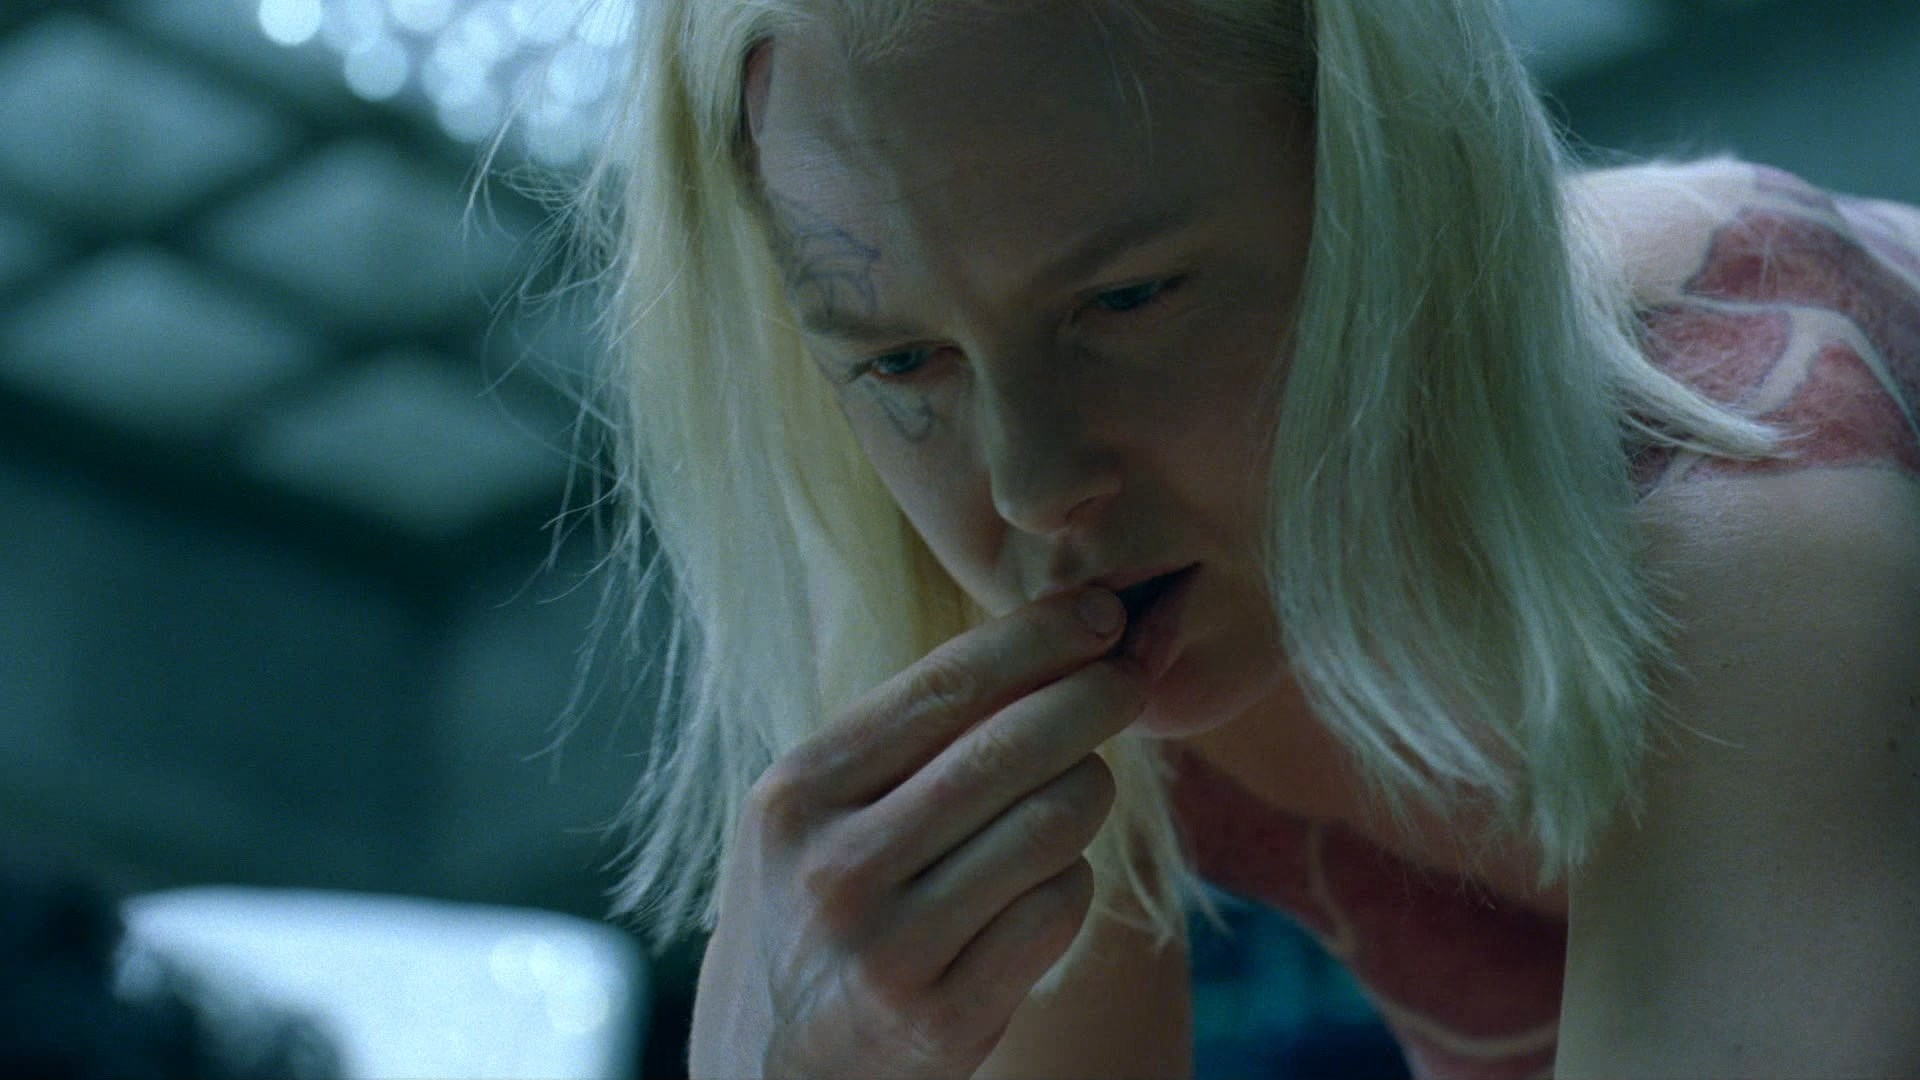 Ingrid Bolsø Berdal Naked showing porn images for ingrid bolsø berdal porn | free